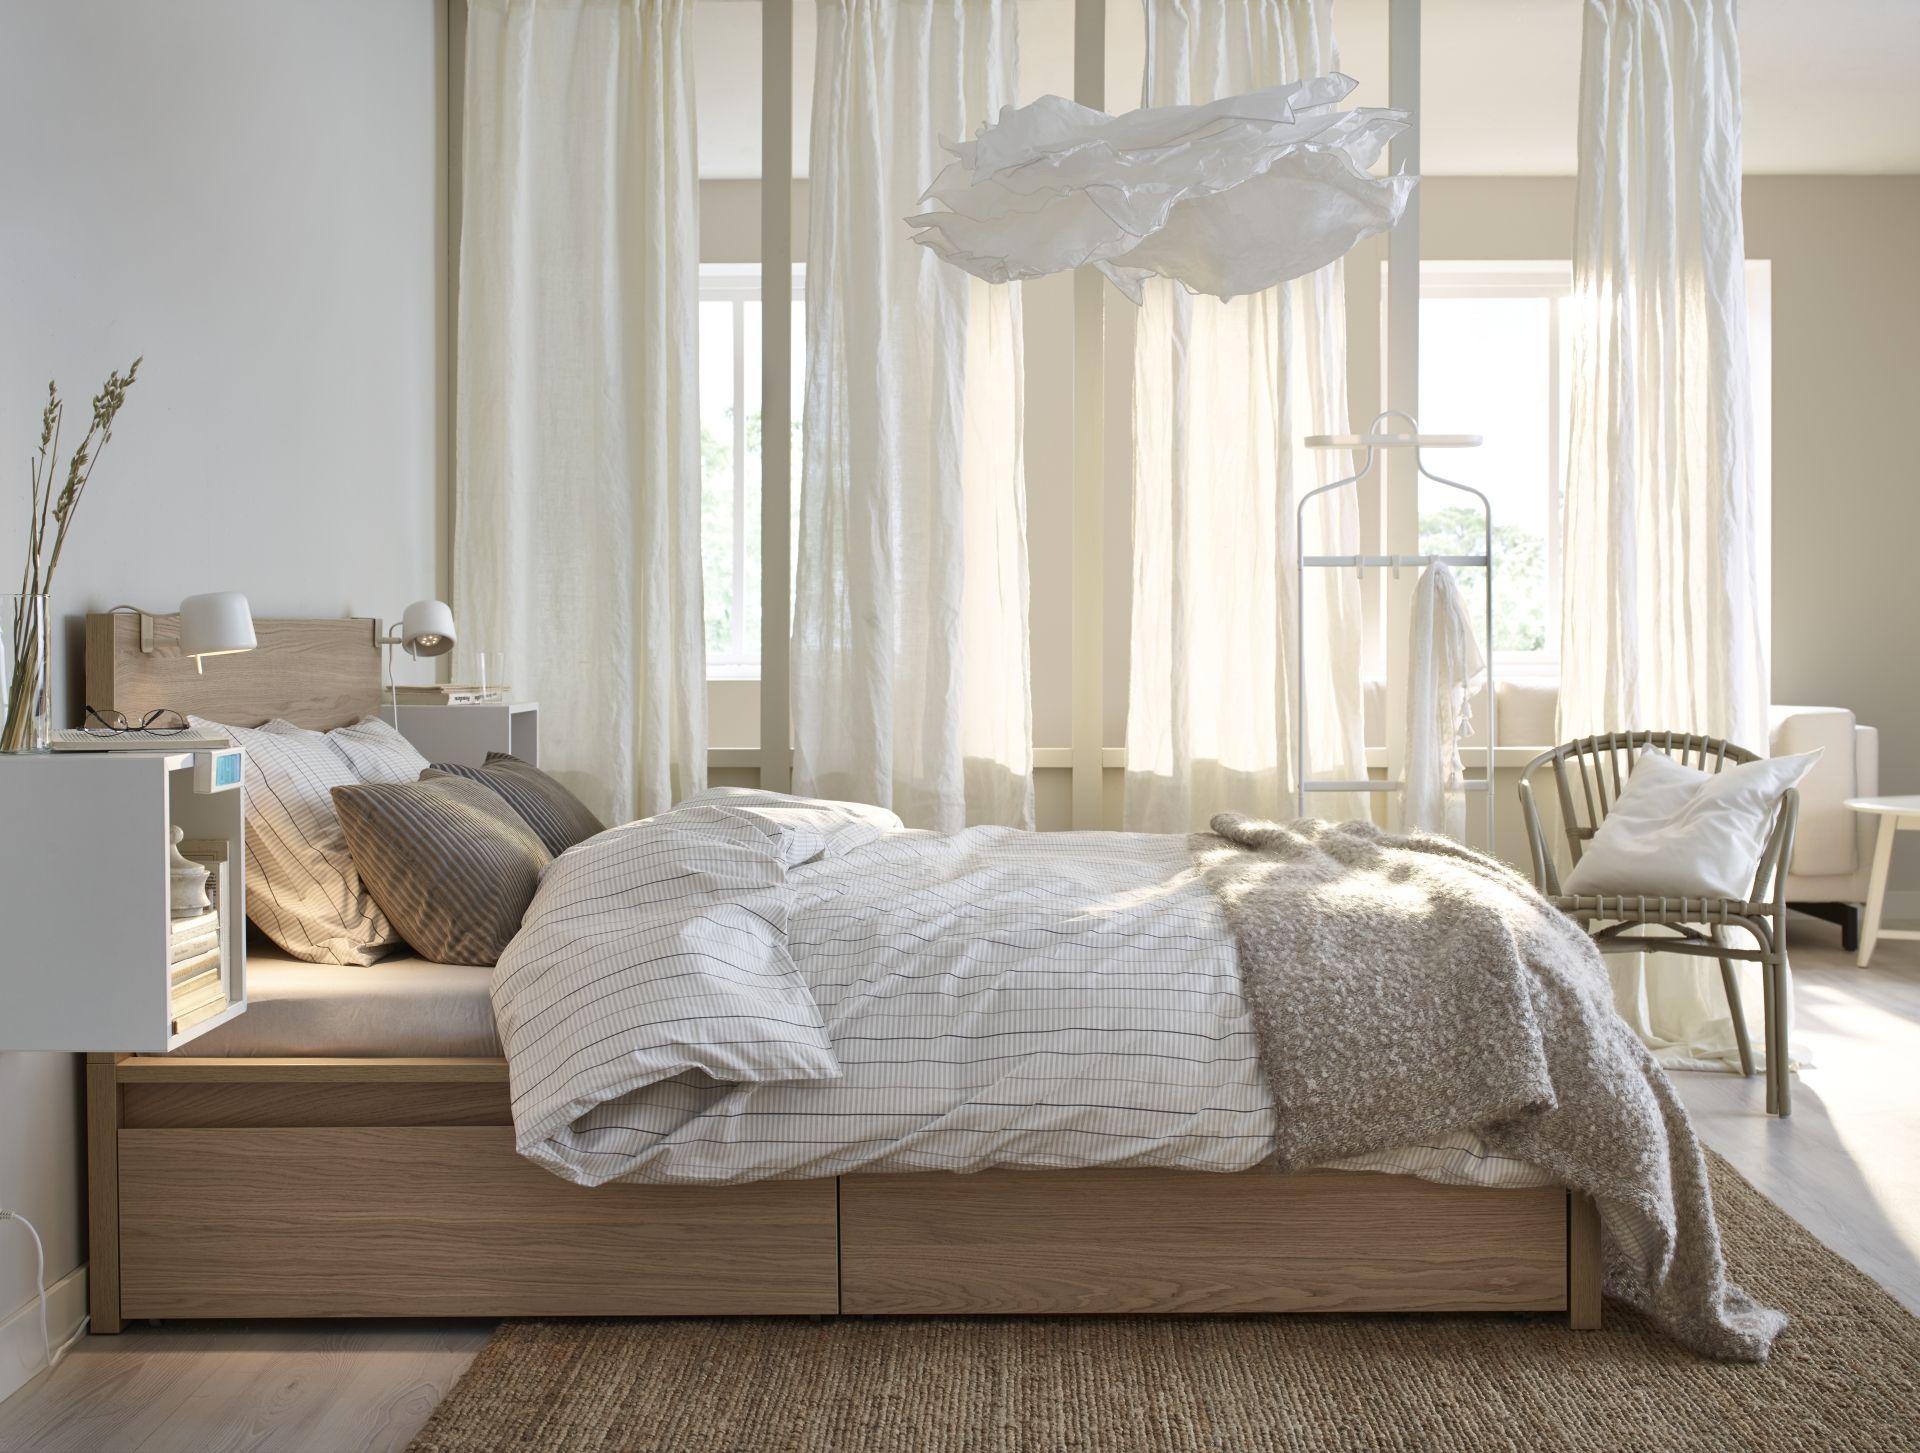 Soluciones para decorar y organizar un dormitorio peque o